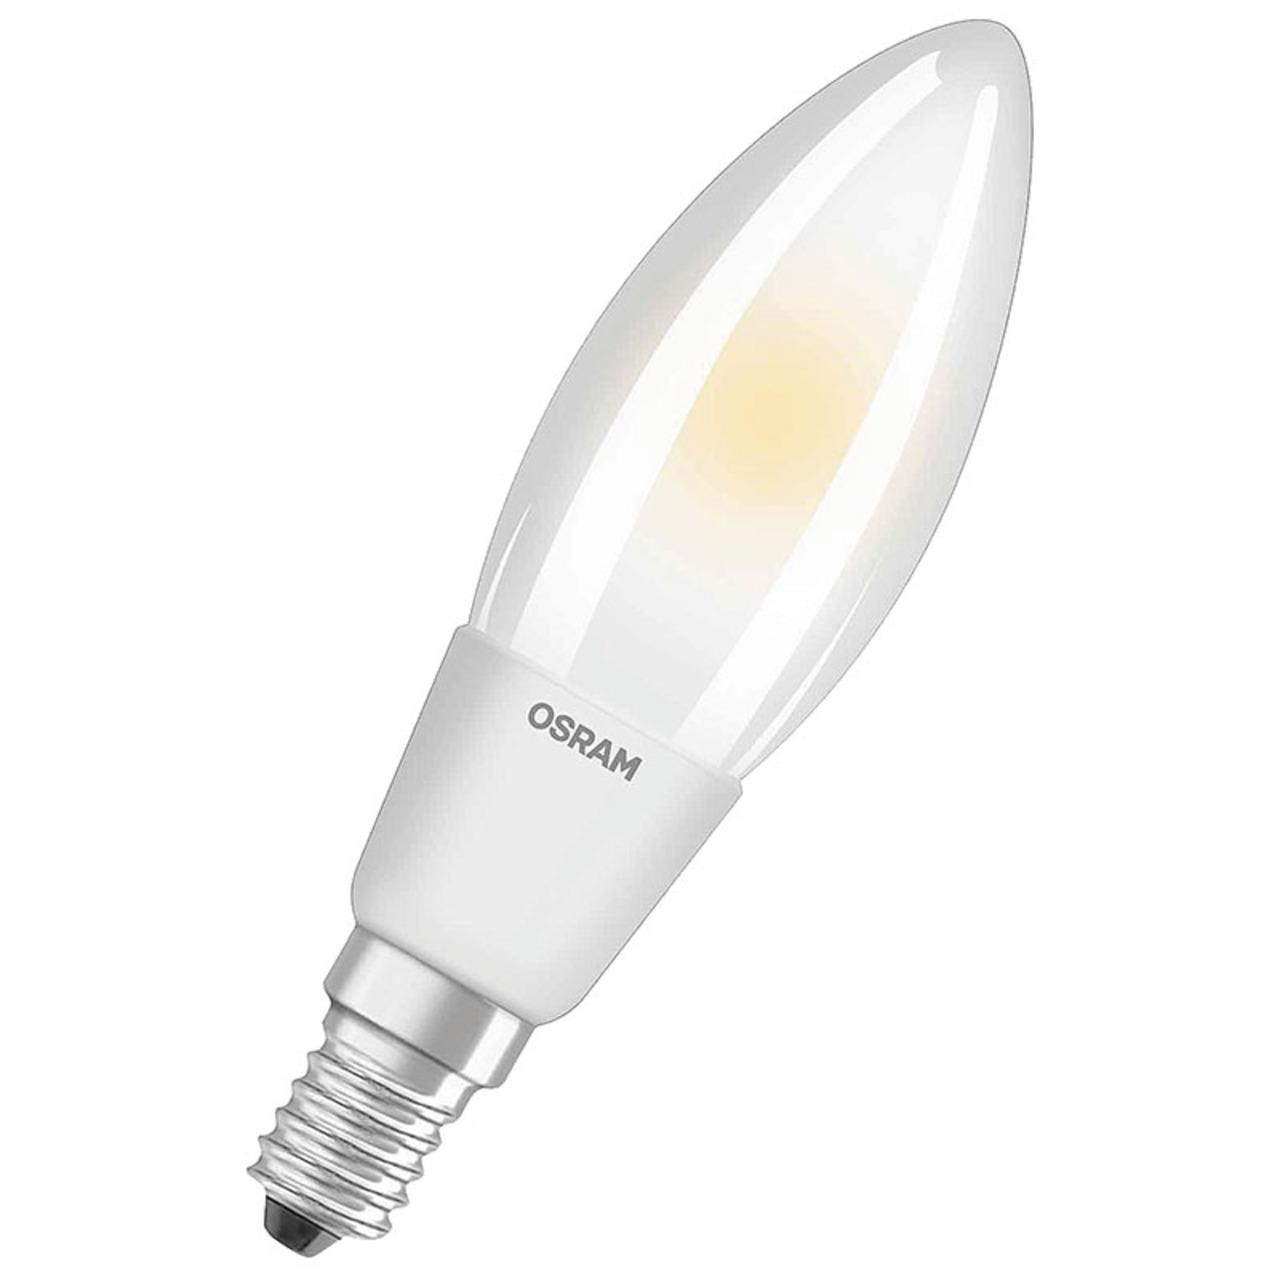 OSRAM LED SUPERSTAR 6-5-W-Filament-LED-Kerzenlampe E14- warmweiss- matt- dimmbar